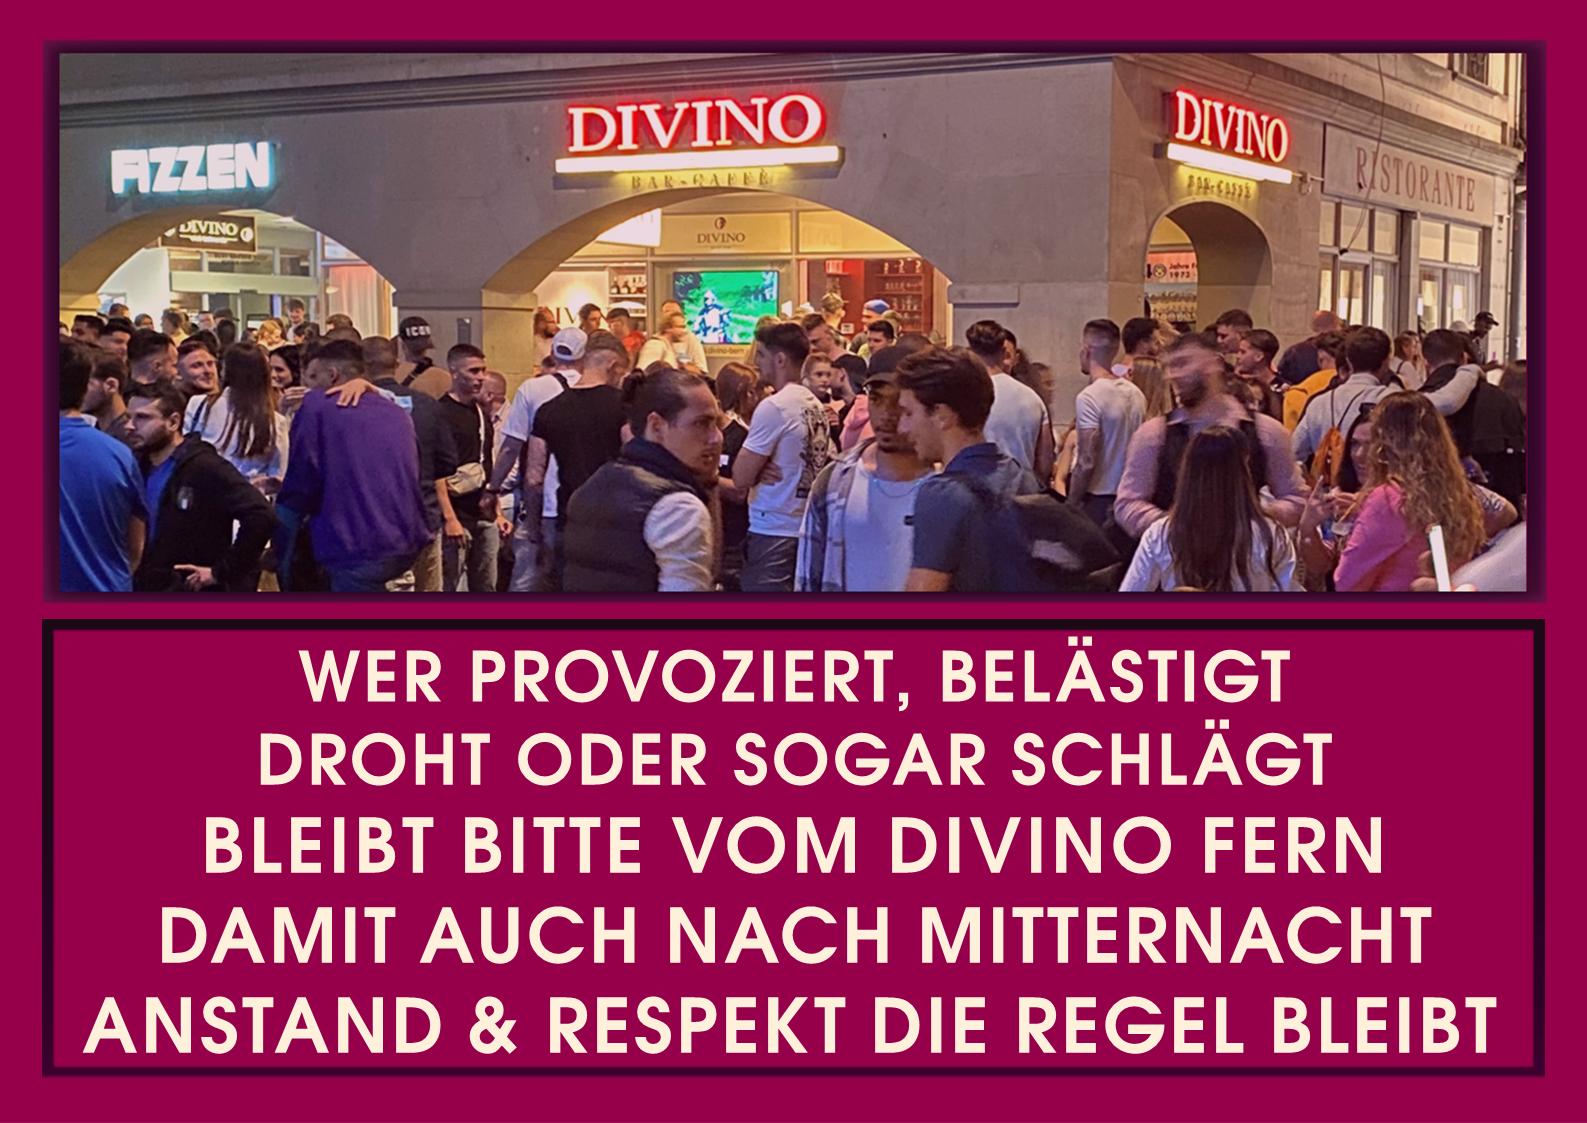 HIER findest Du alles über DIVINOs Party EVENTS